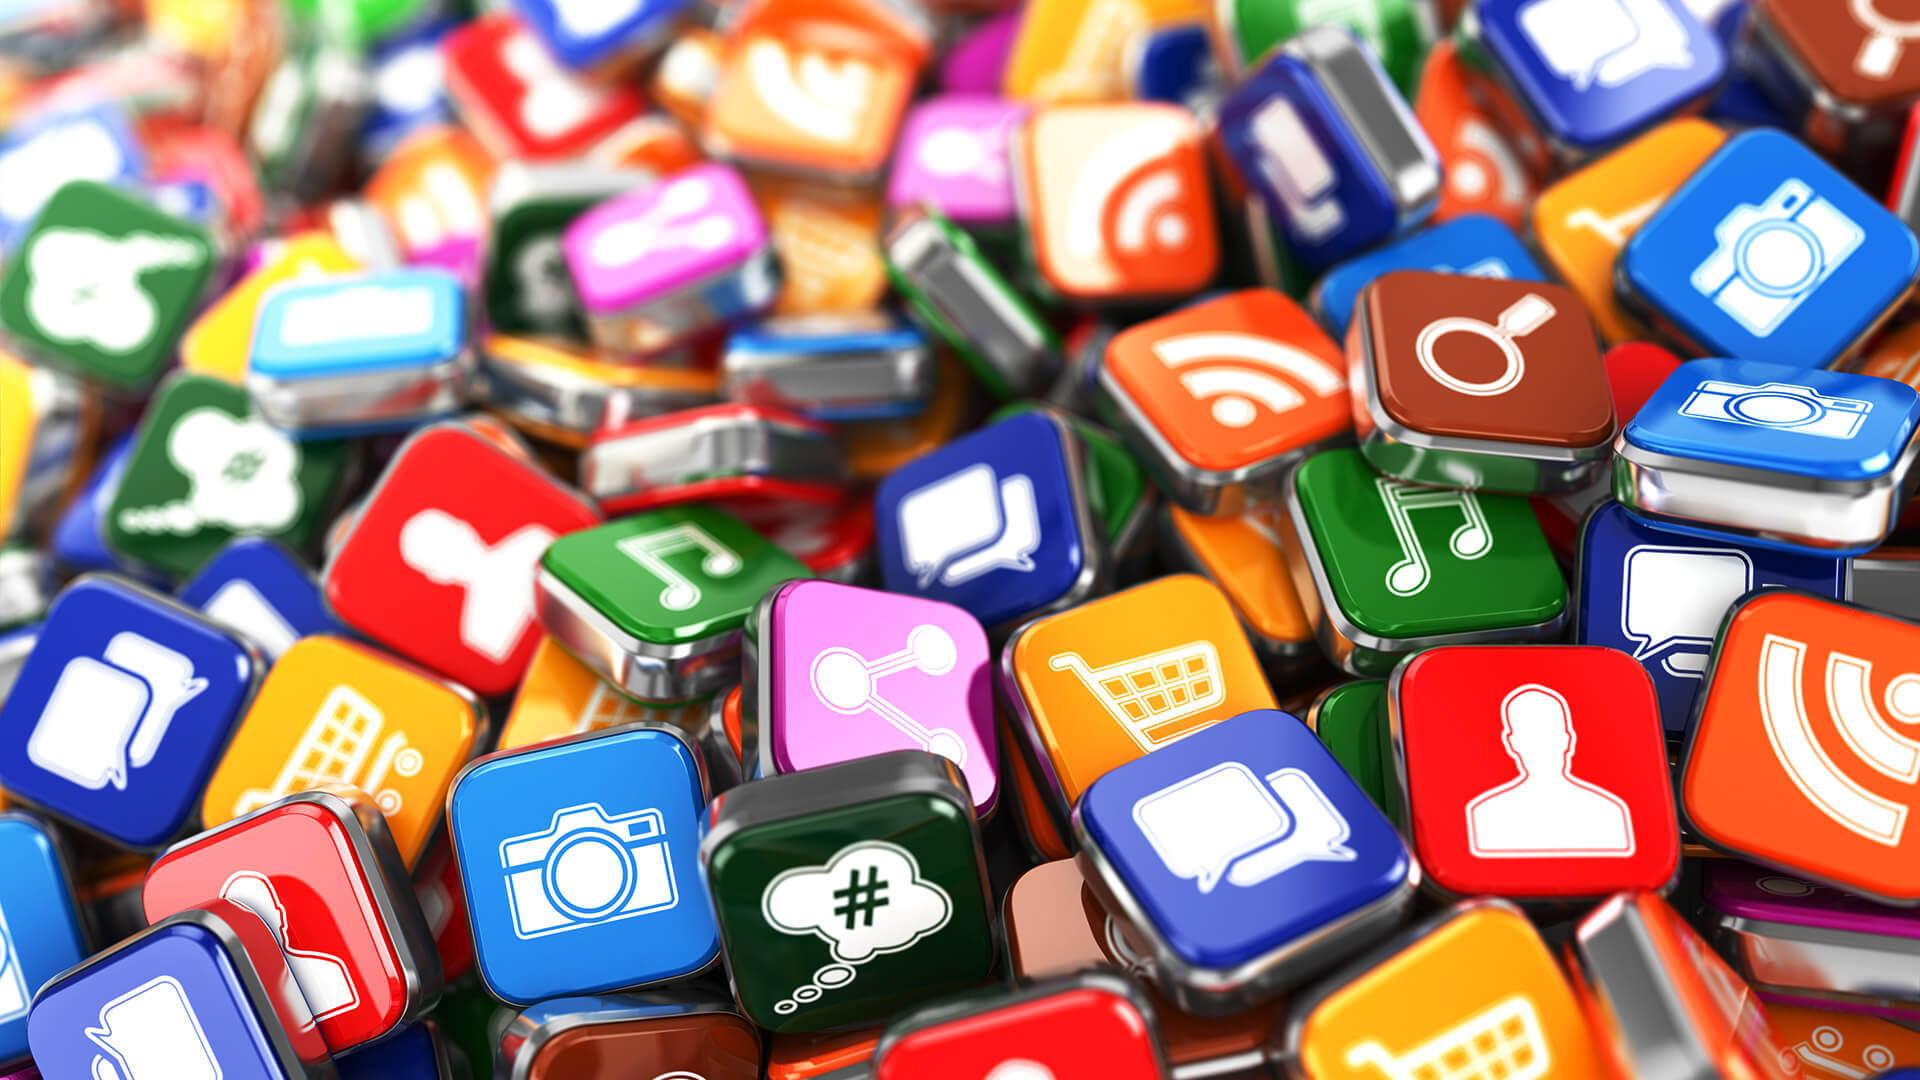 Лайфхаки на каждый день: как побороть привязанность к смартфону